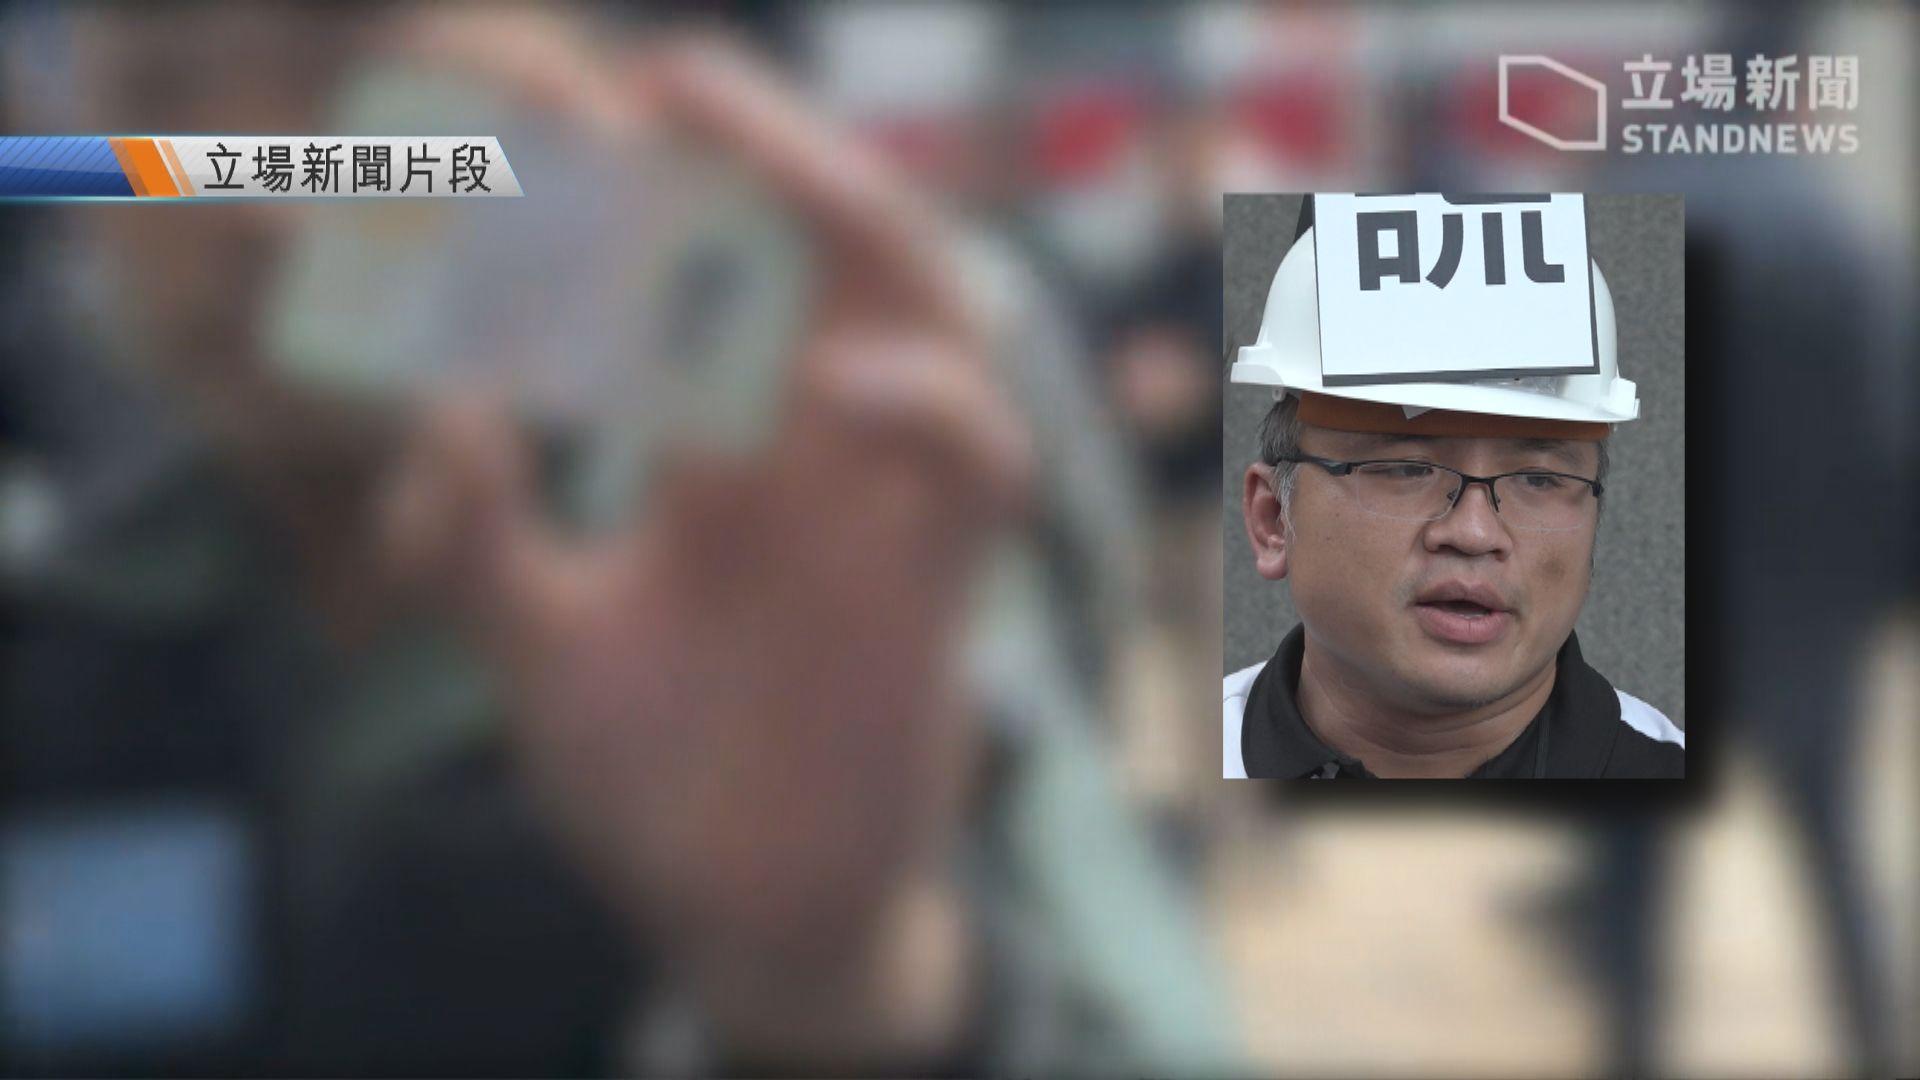 立場新聞:警員無可能不知道記者正在拍攝